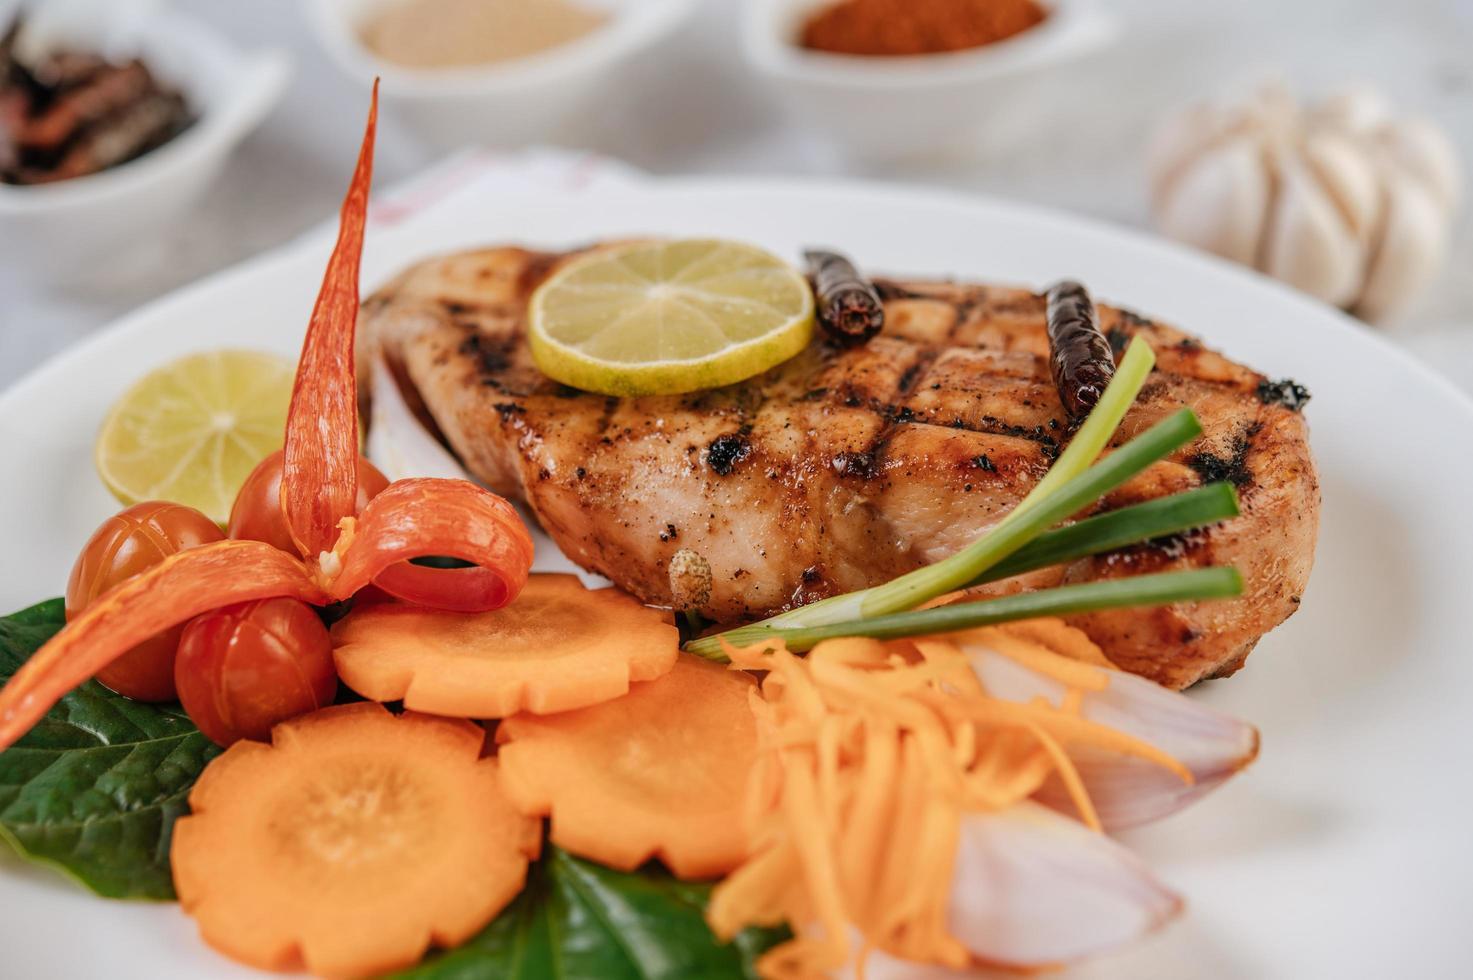 Chicken steak with vegetables photo